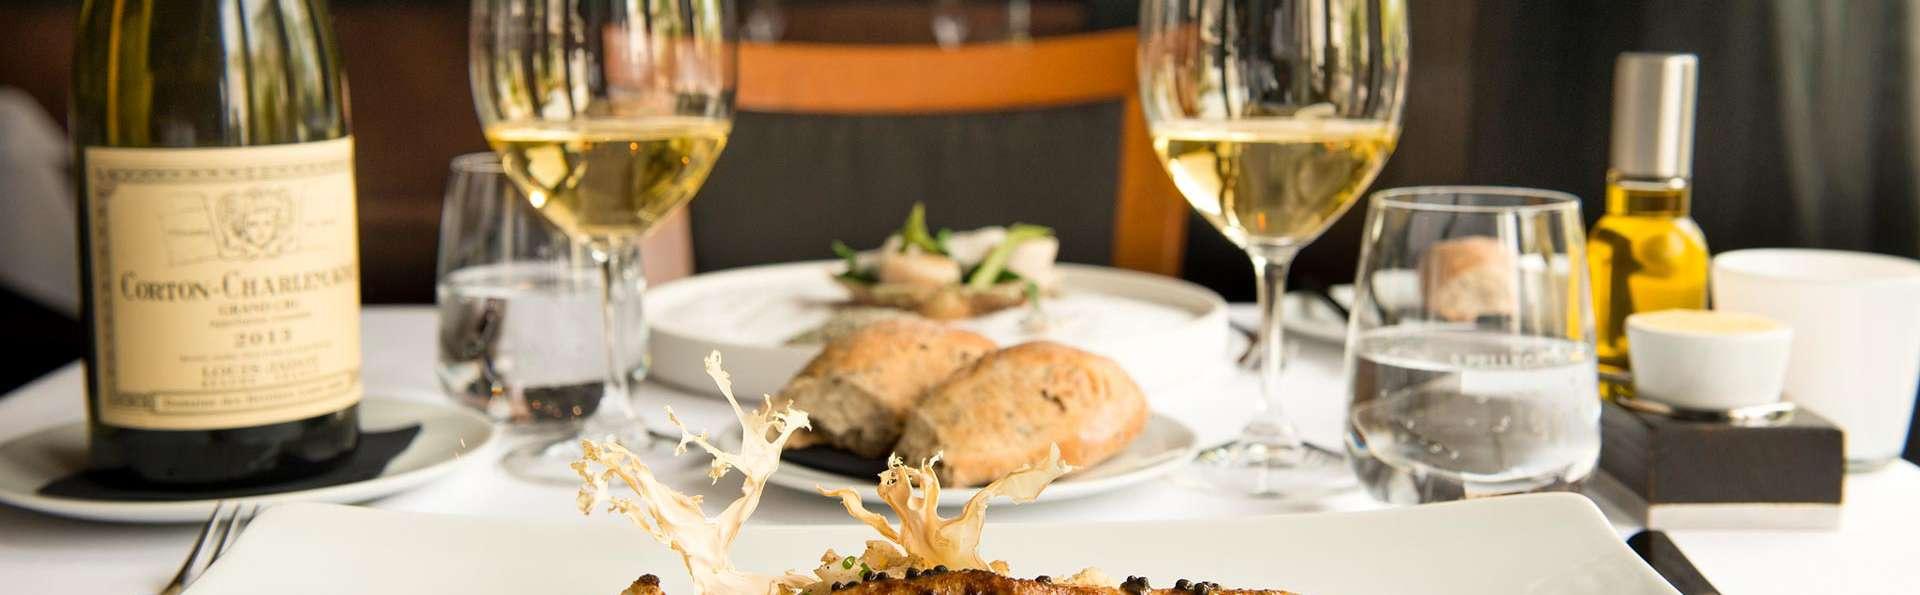 Luxe, comfort en culinair genieten nabij Den Haag (2nachten)